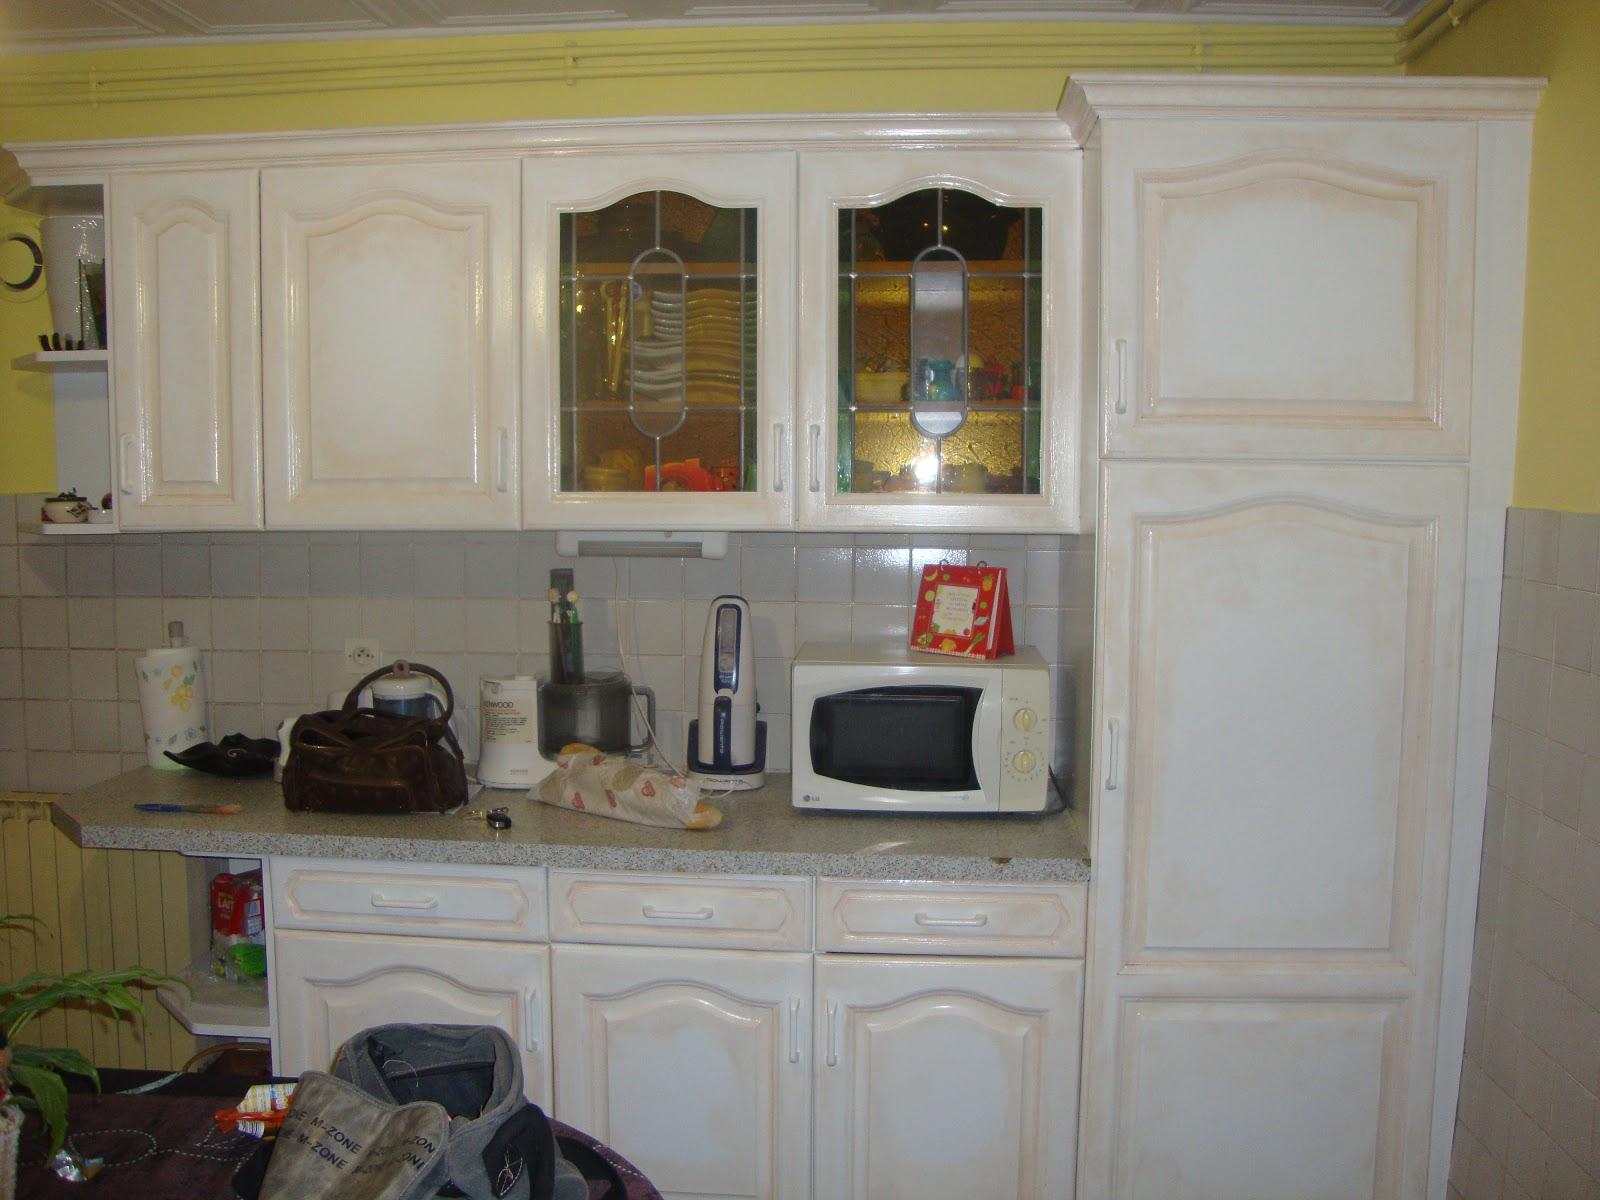 peinture art deco interieur restauration vieux meubles. Black Bedroom Furniture Sets. Home Design Ideas